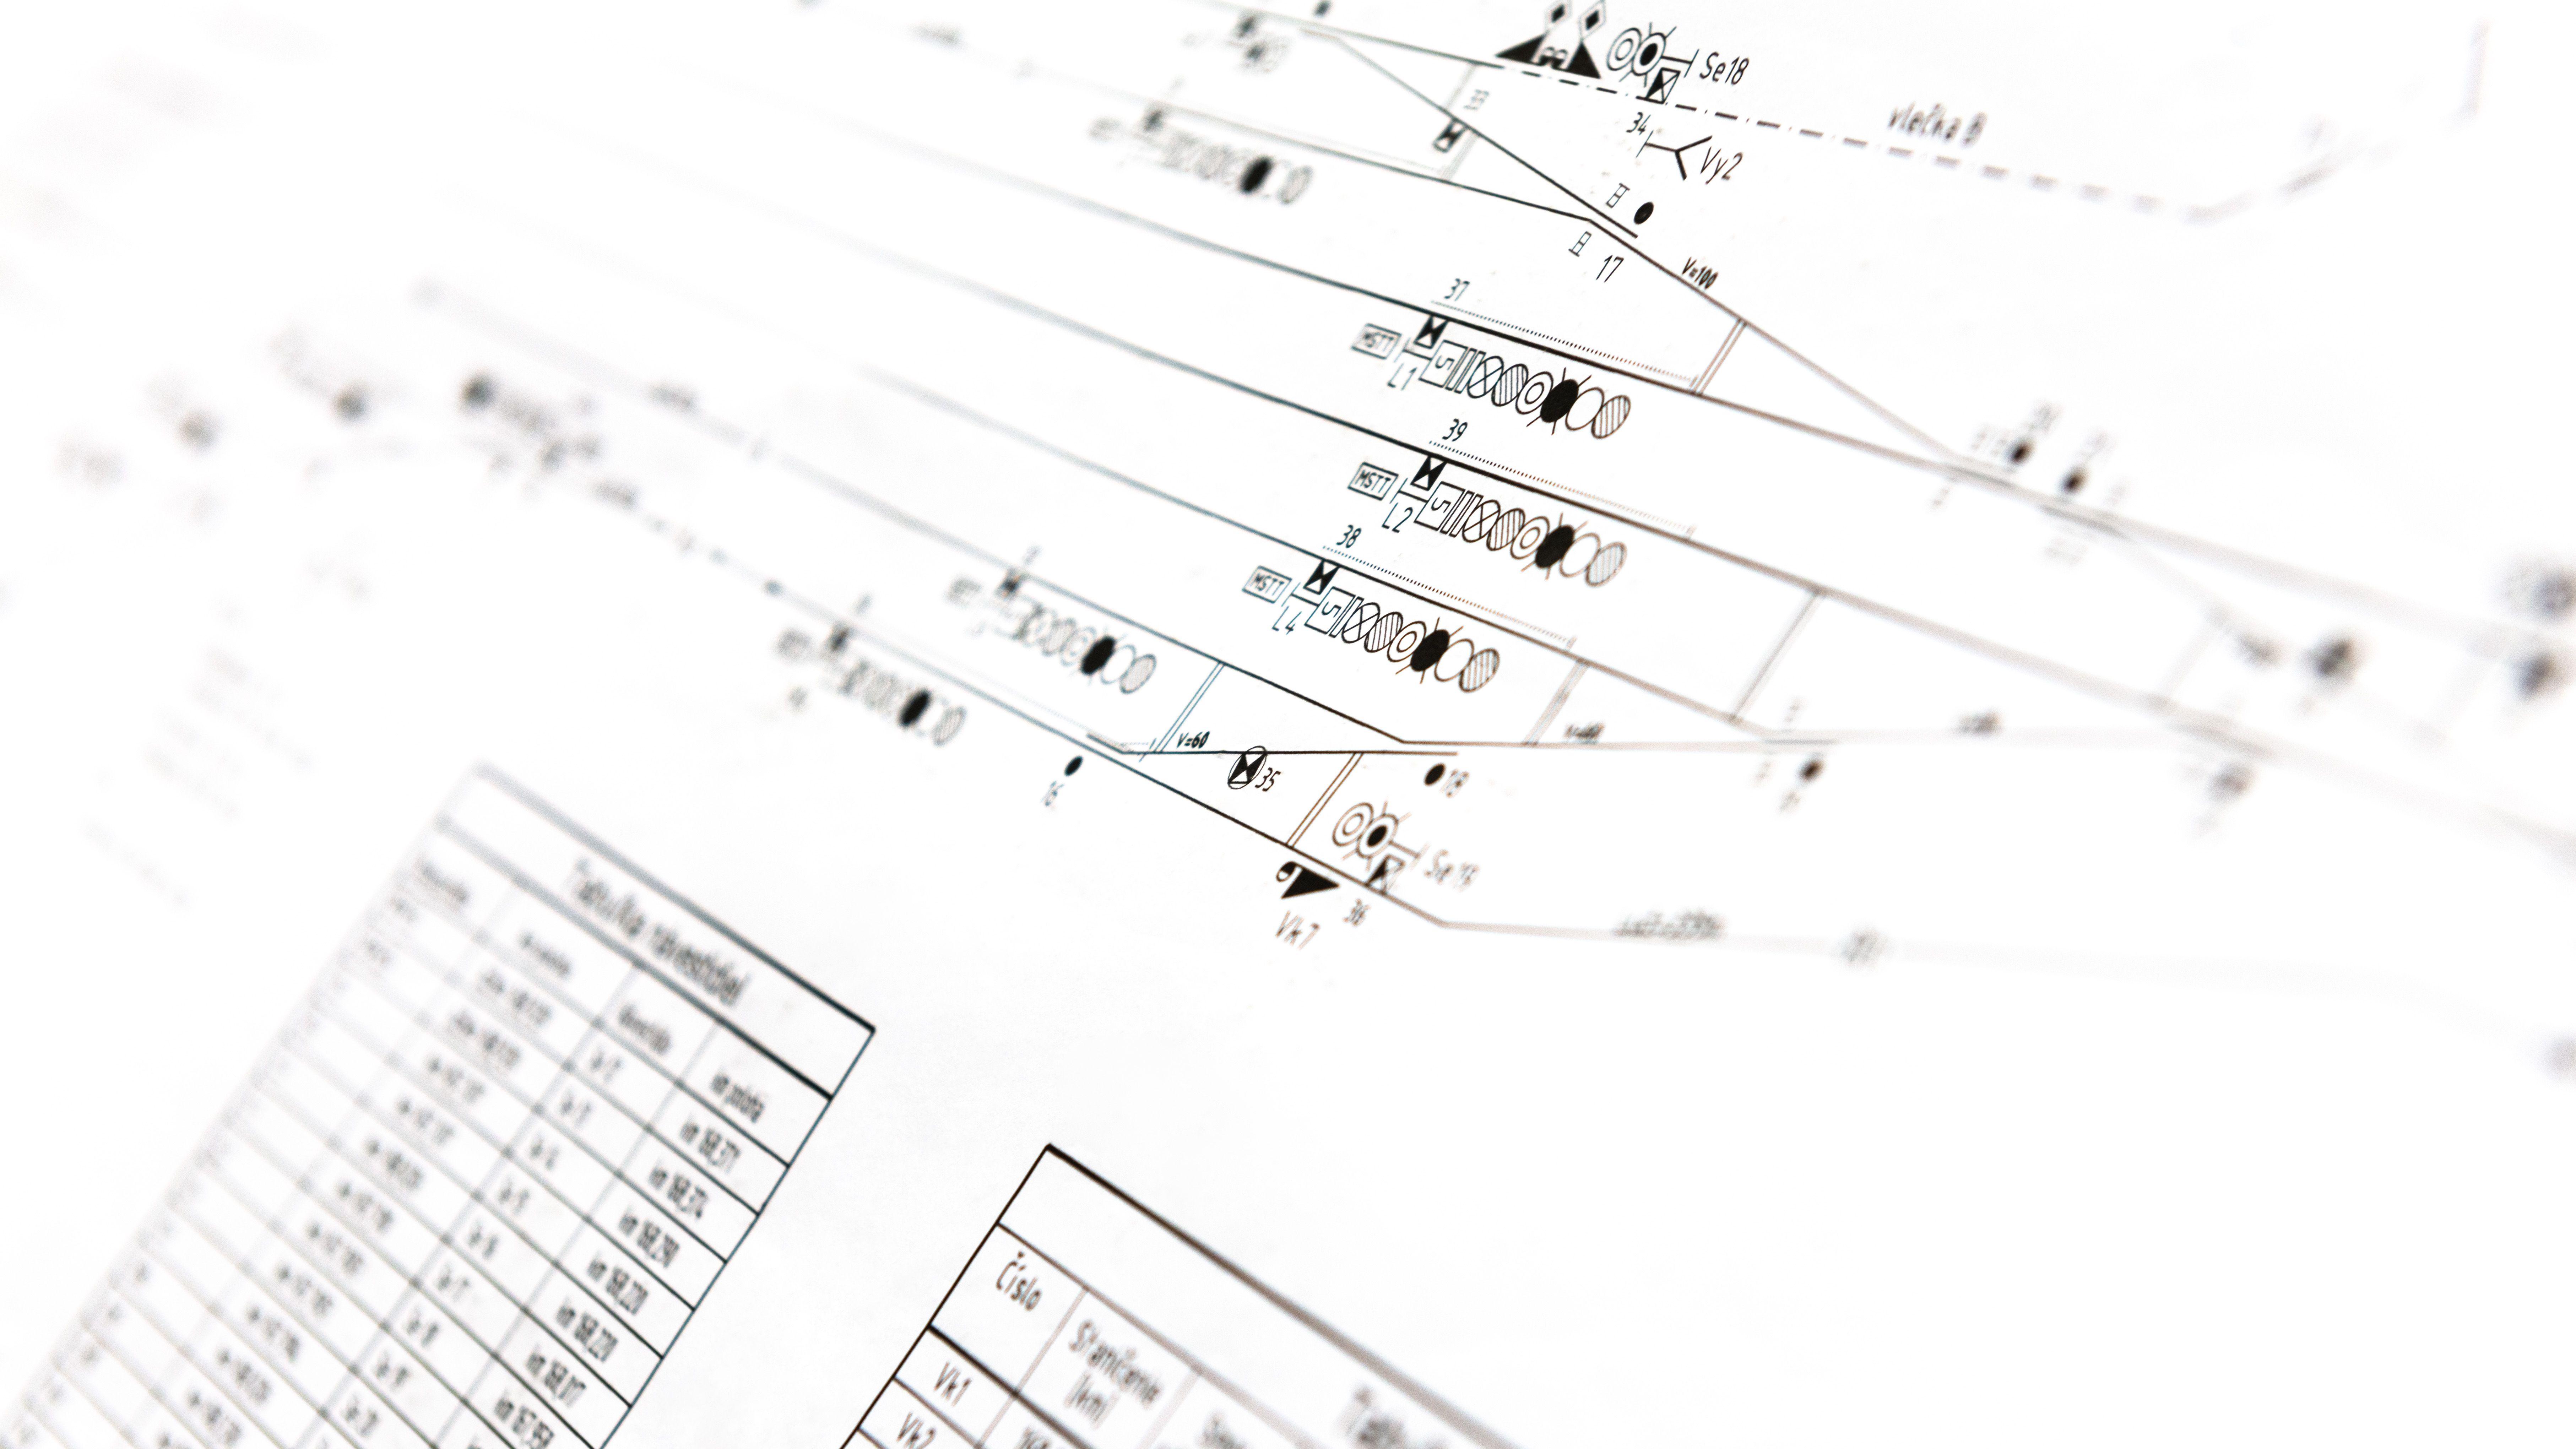 Projekcia oznamovacej azabezpečovacej techniky